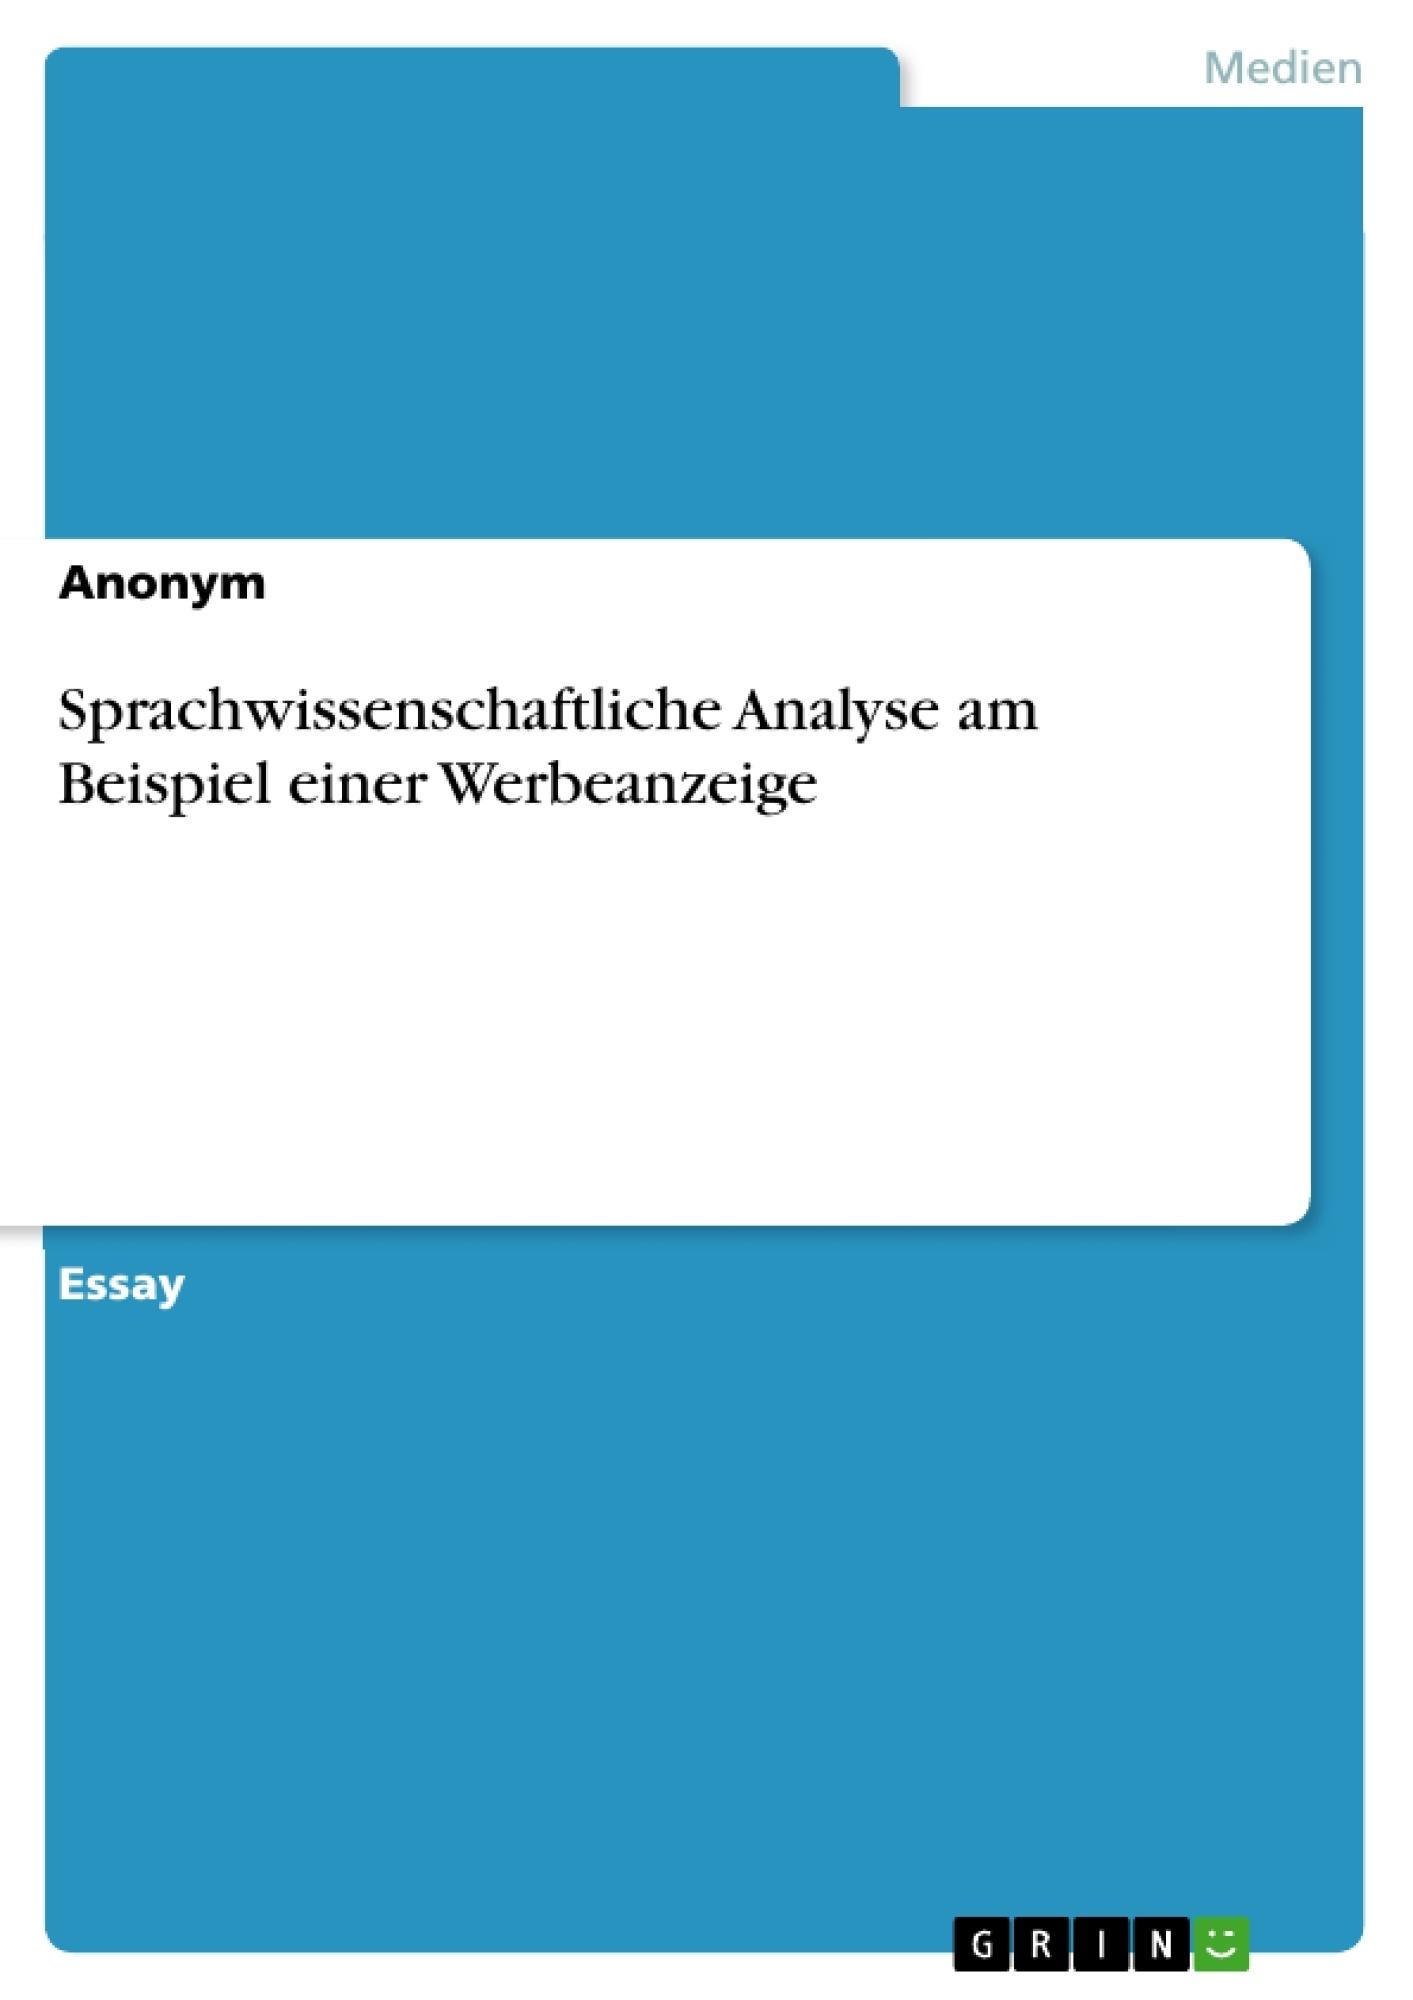 Titel: Sprachwissenschaftliche Analyse am Beispiel einer Werbeanzeige